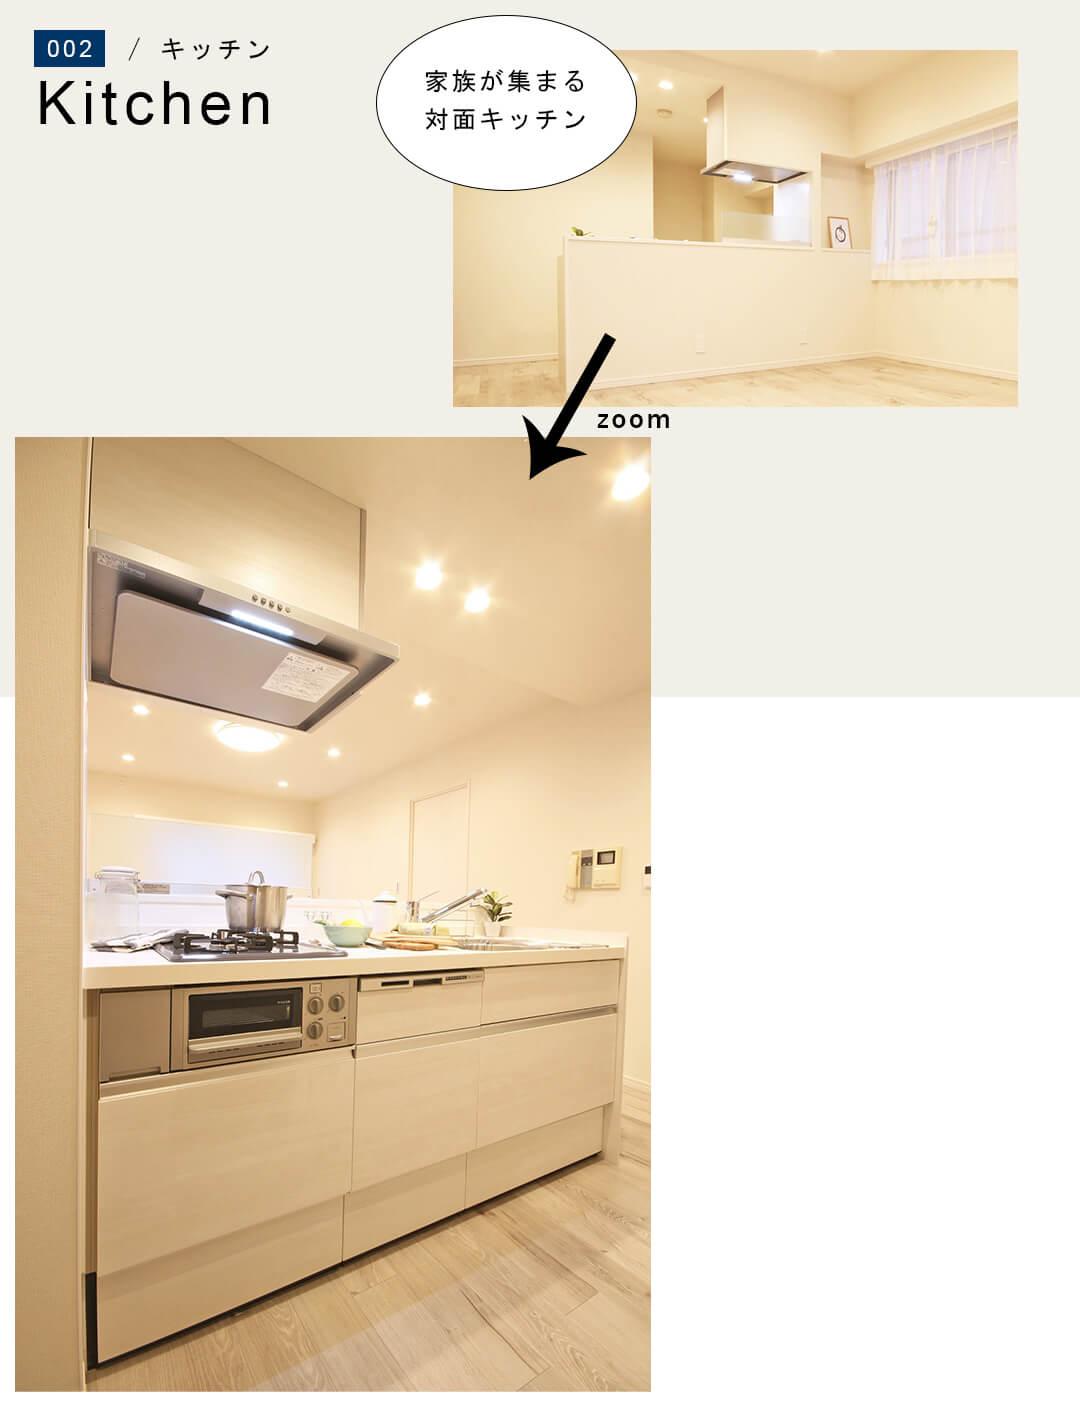 菱和パレス錦糸町 203号室のキッチン